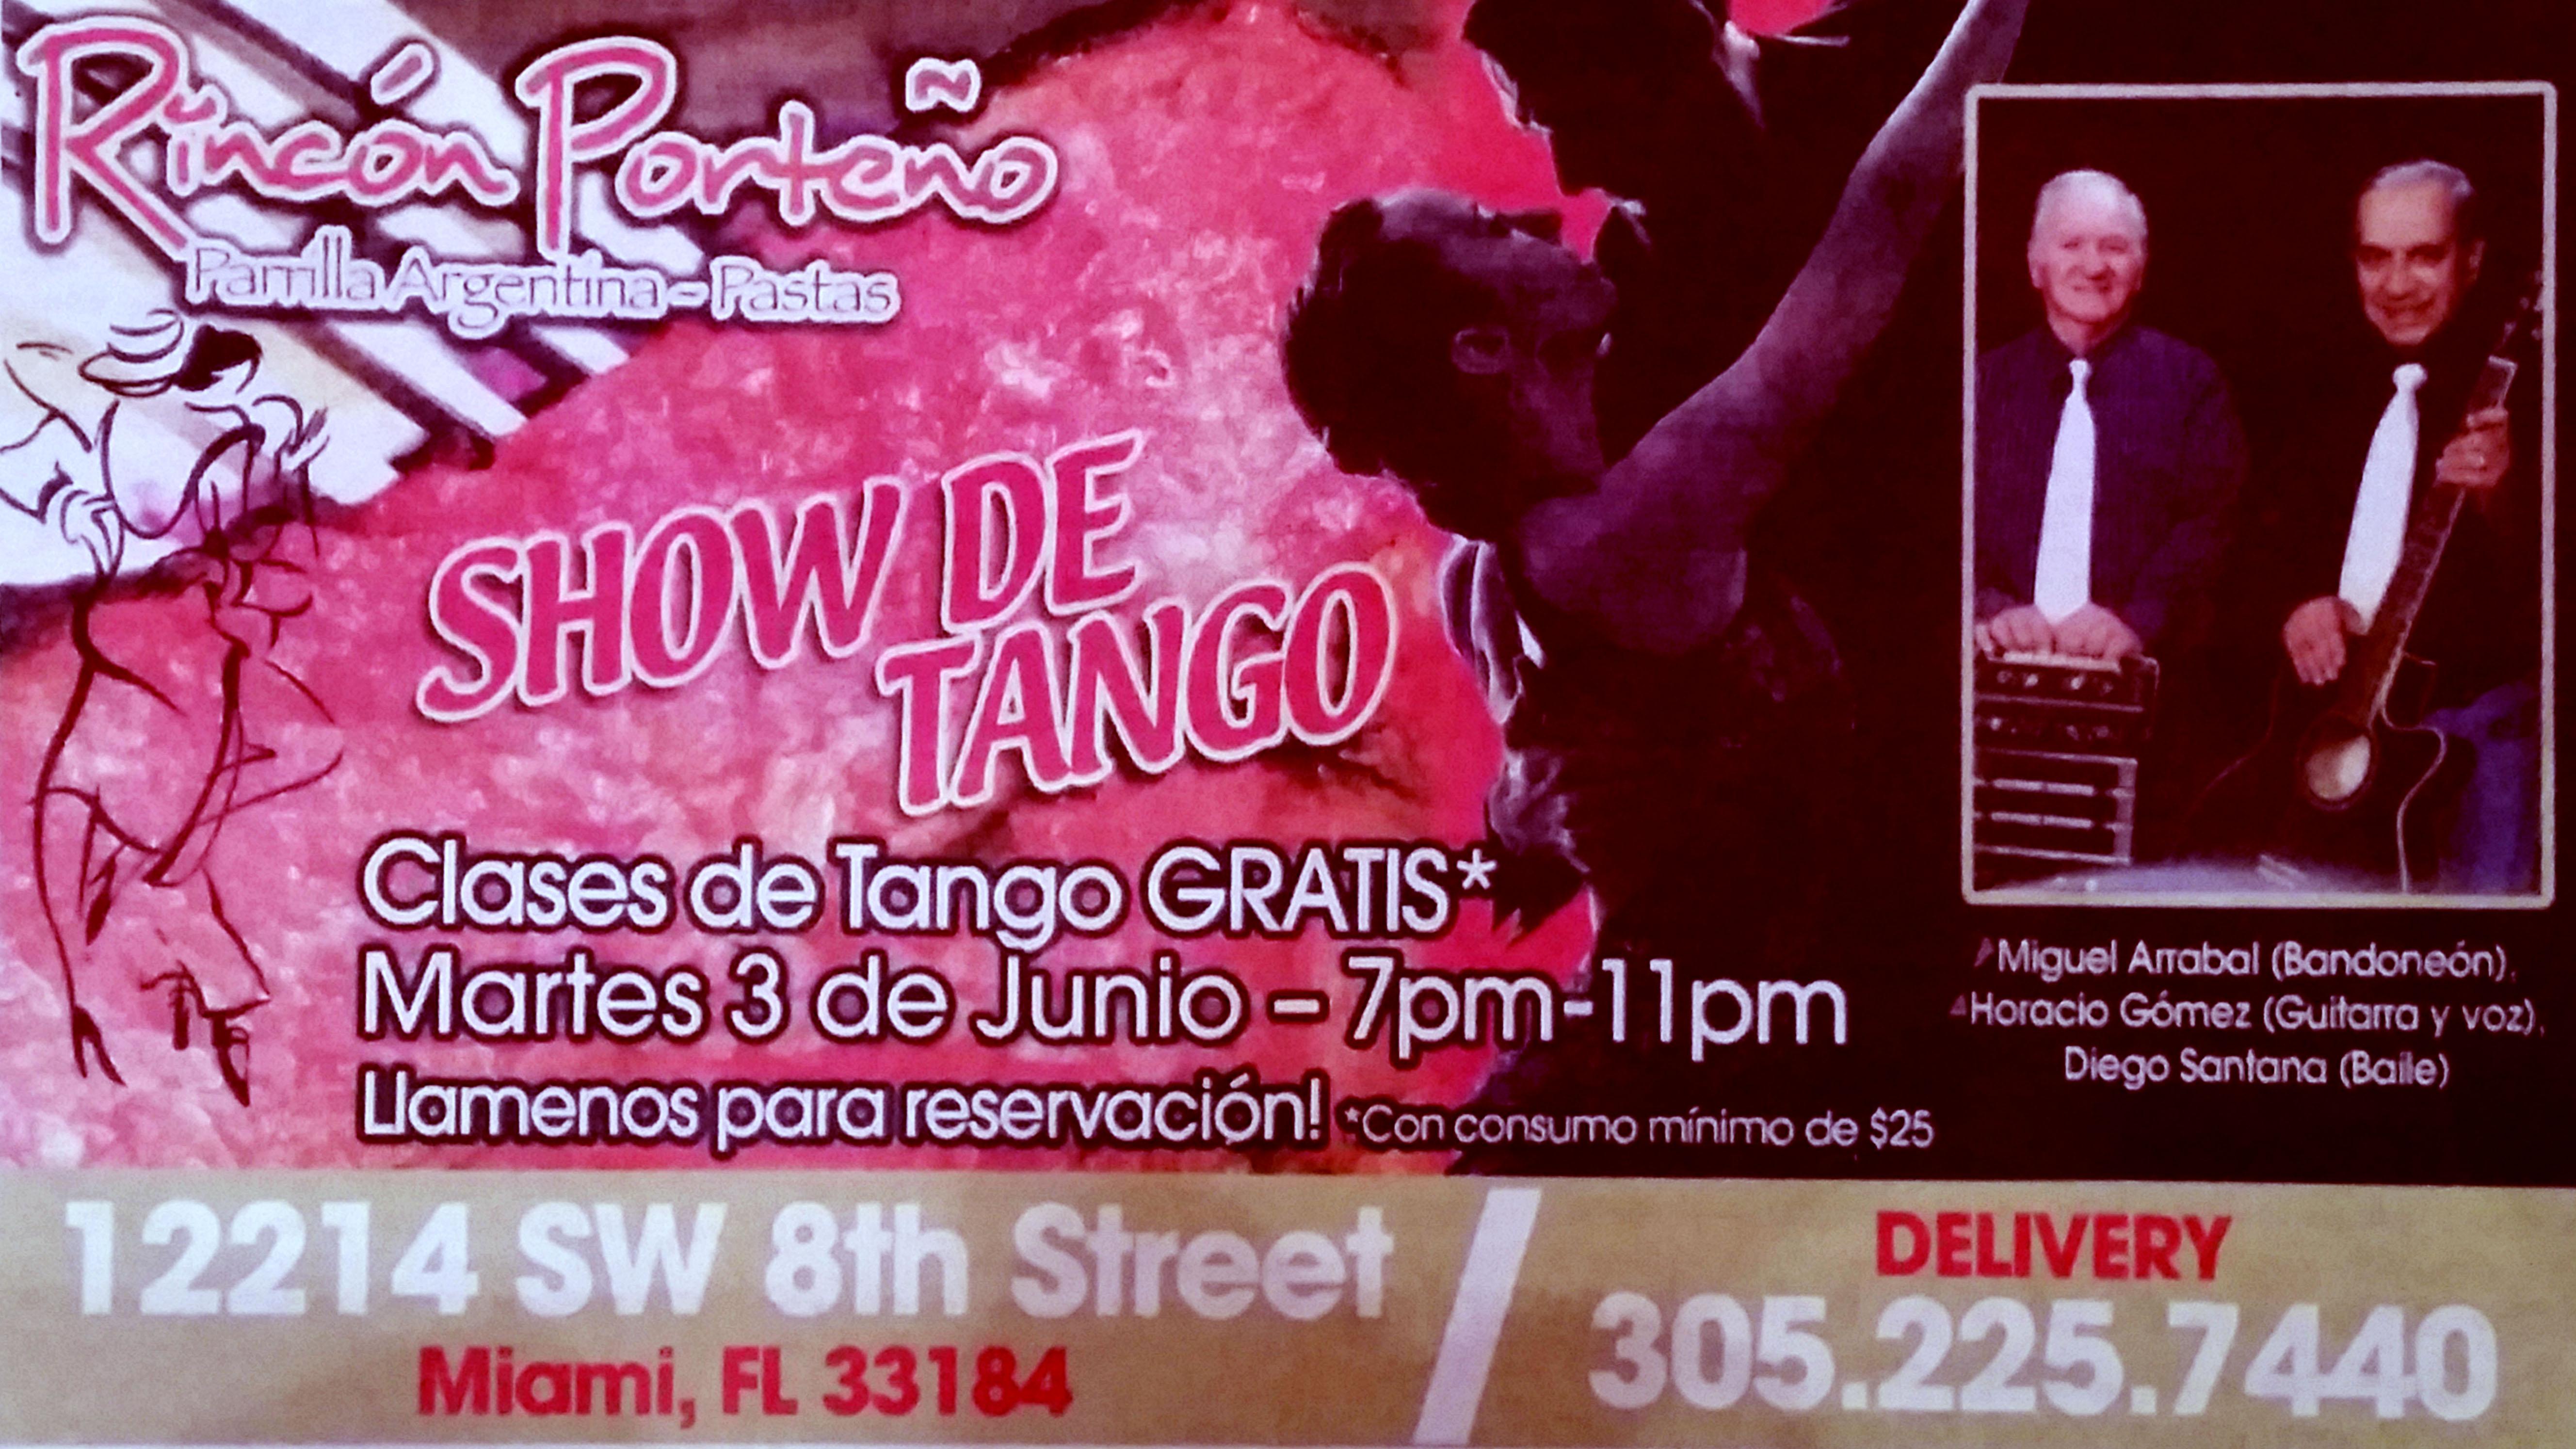 Tango at Rincon Porteño